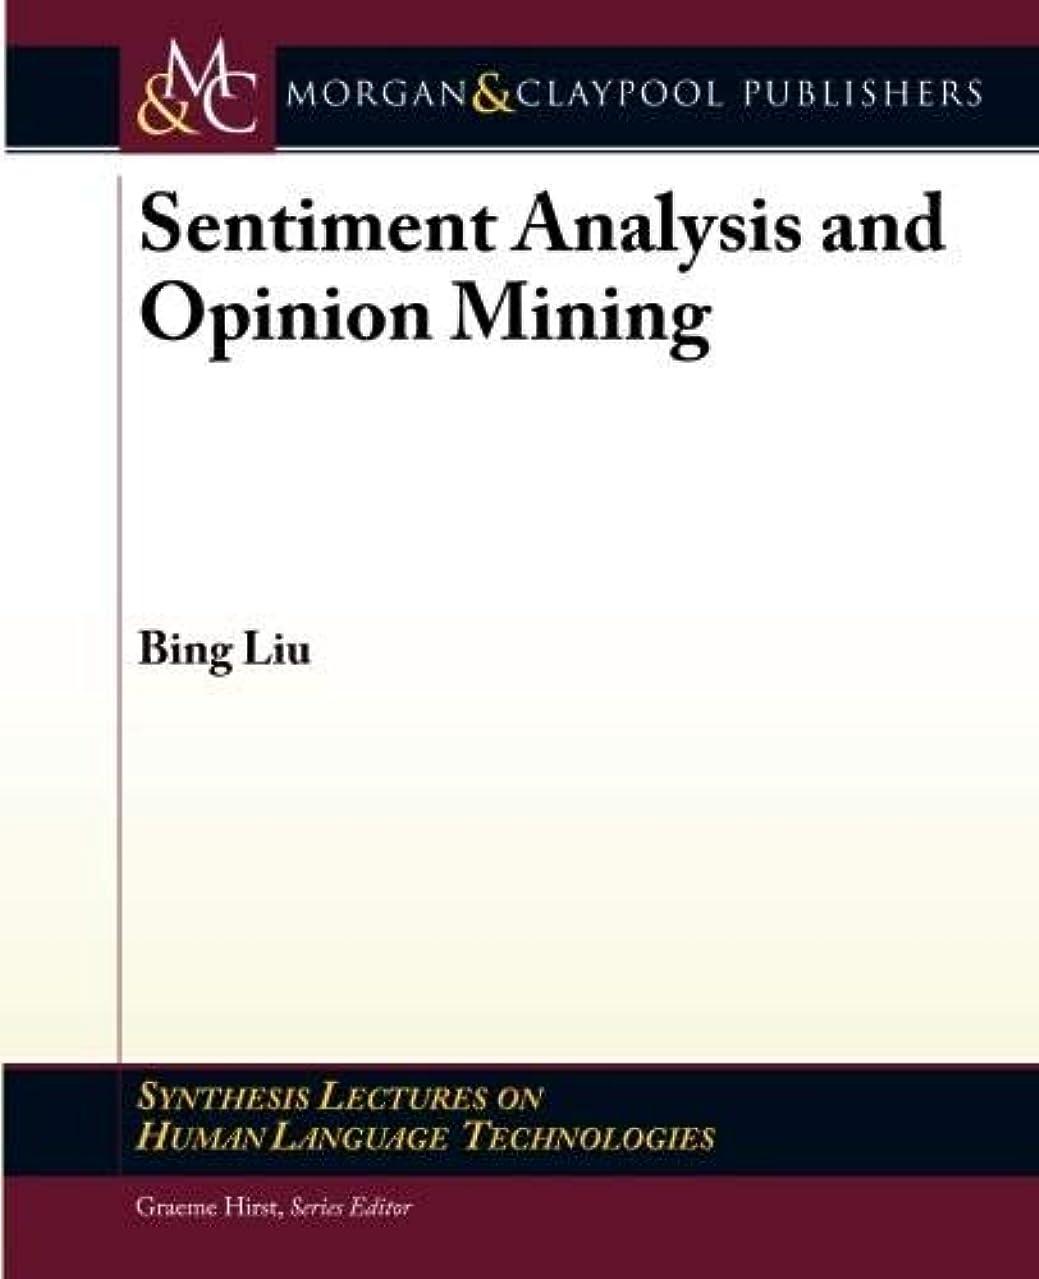 アプローチ風が強い銛Sentiment Analysis and Opinion Mining (Synthesis Lectures on Human Language Technologies)